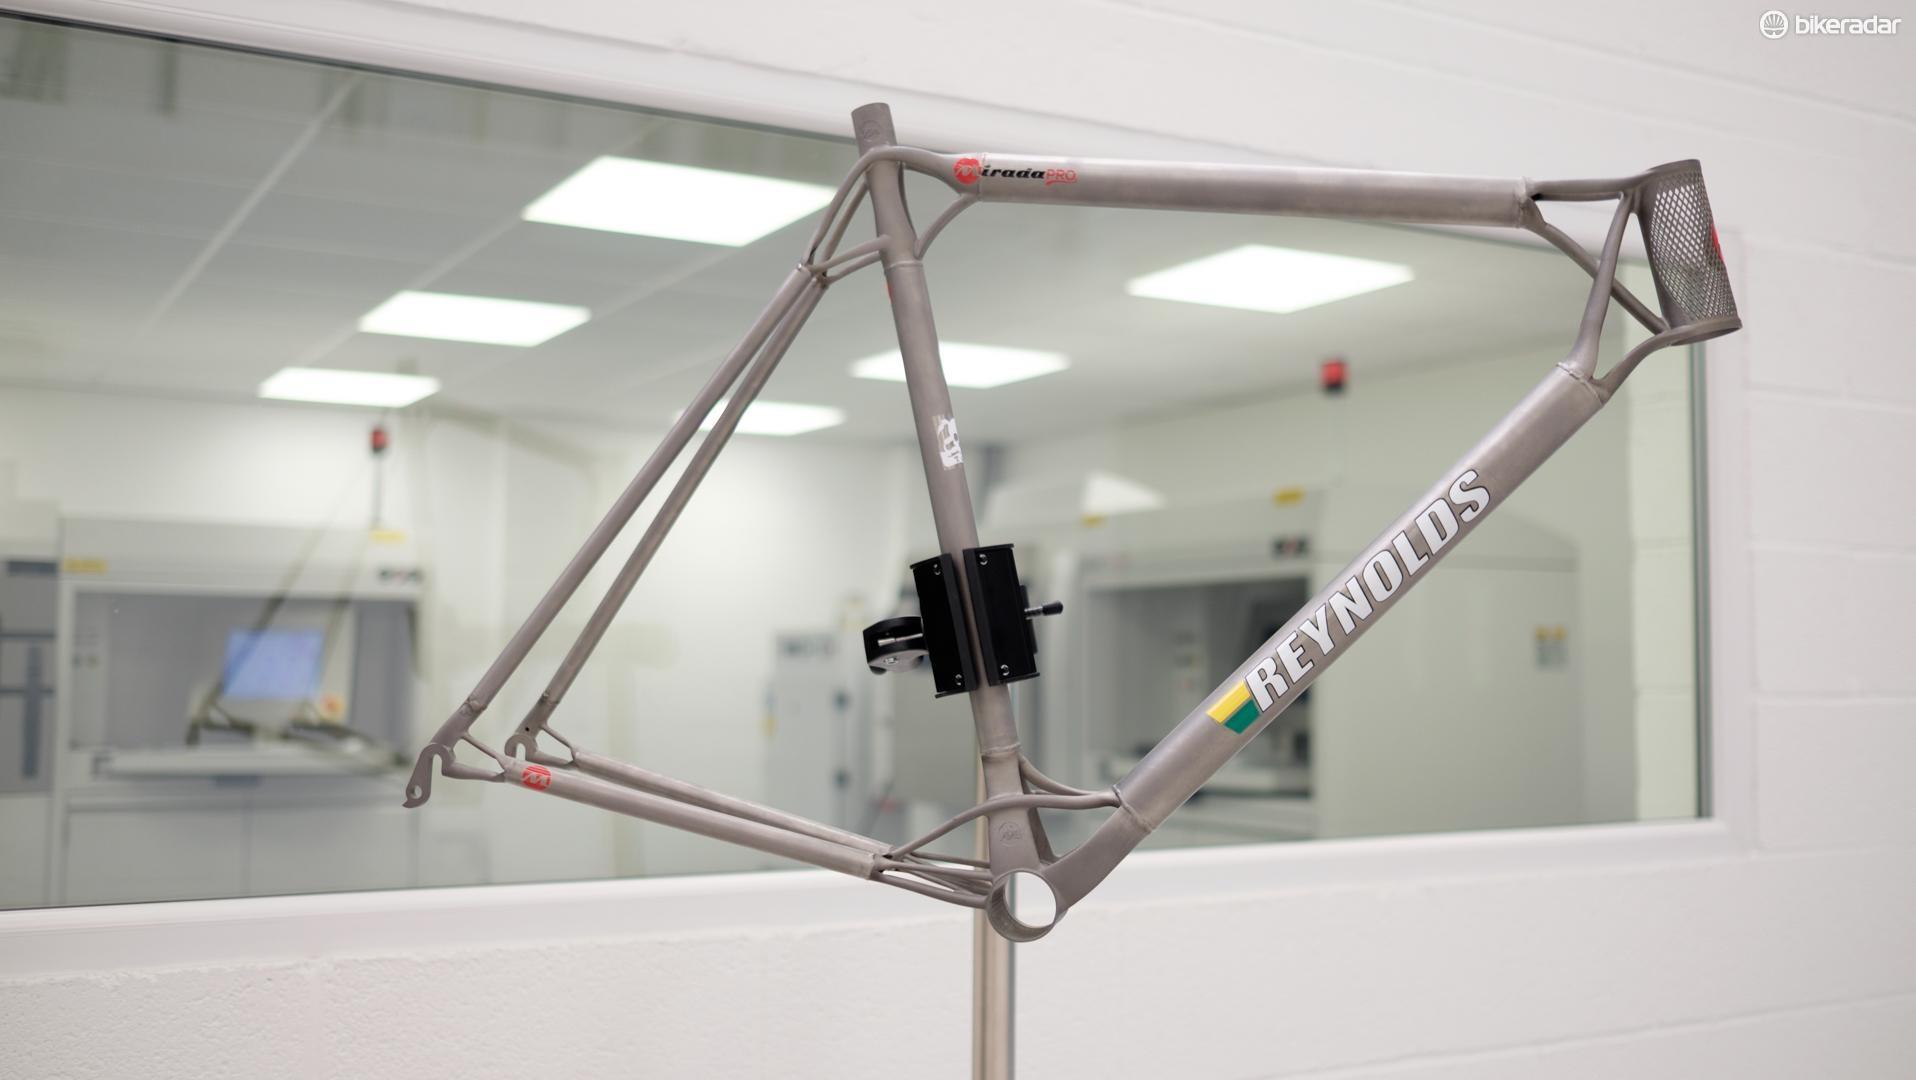 The Mirada Pro frame was assembled by UK framebuilder Ted James Design